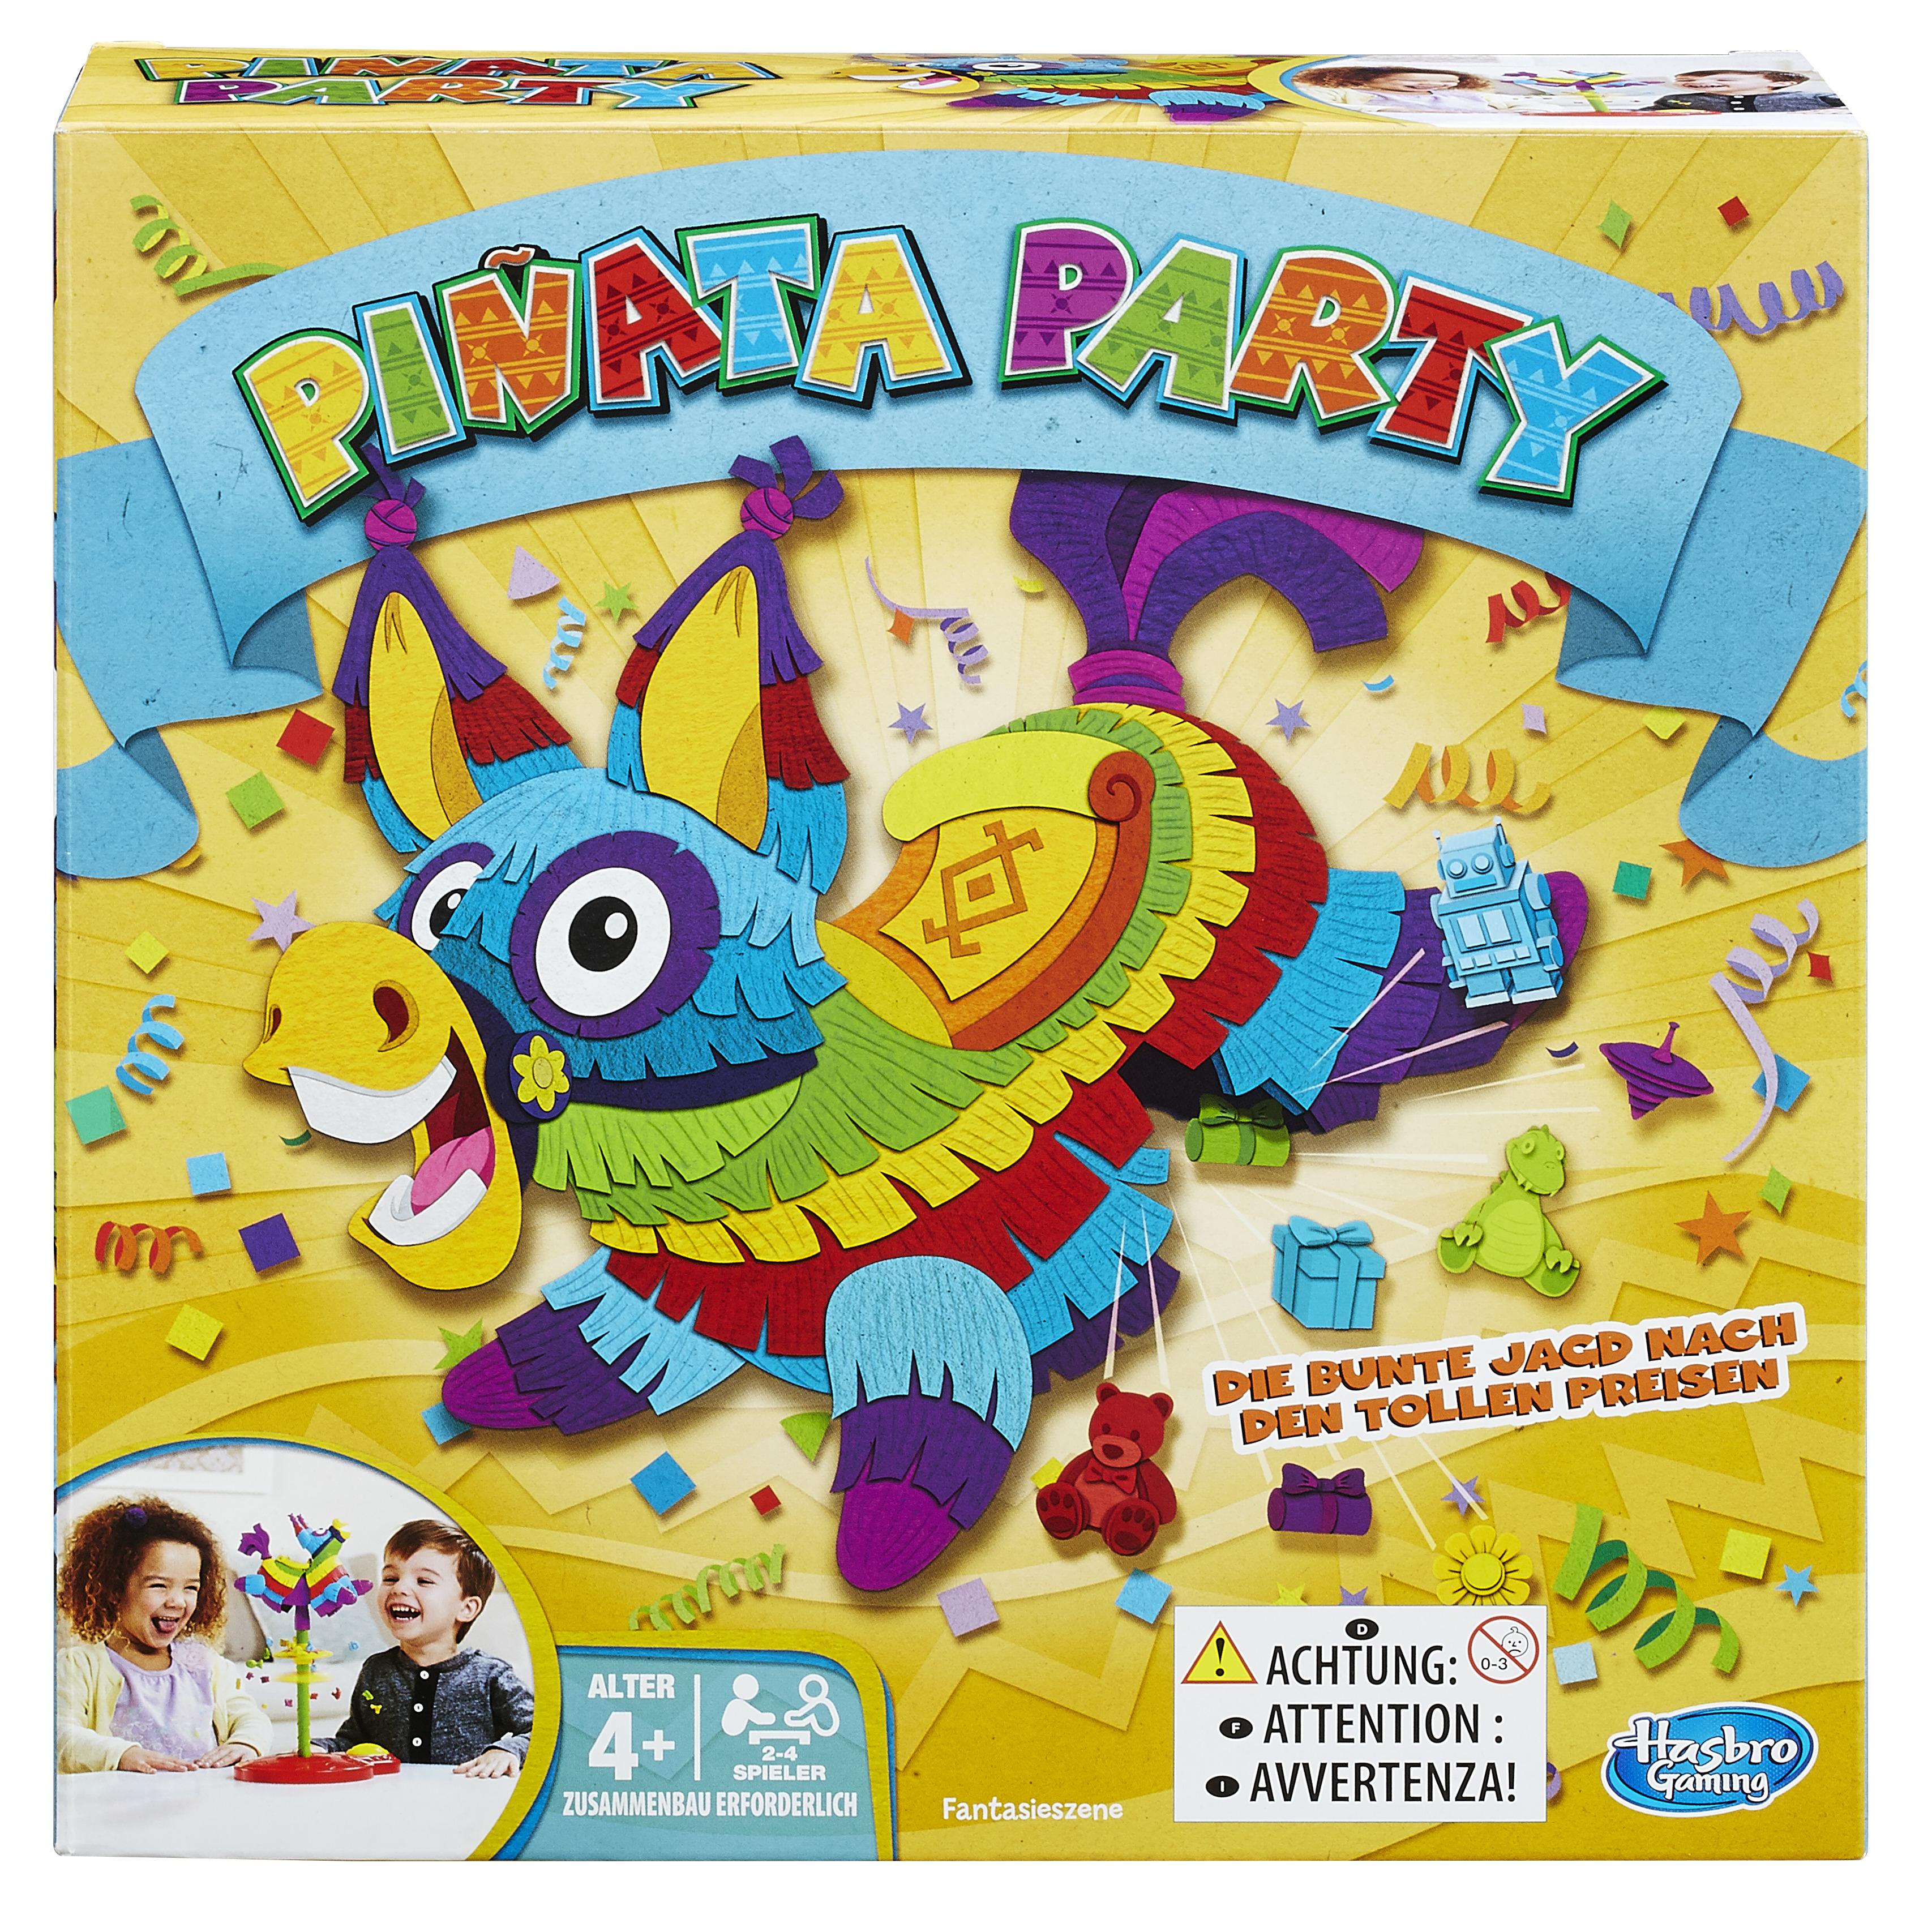 Pinata Spiel